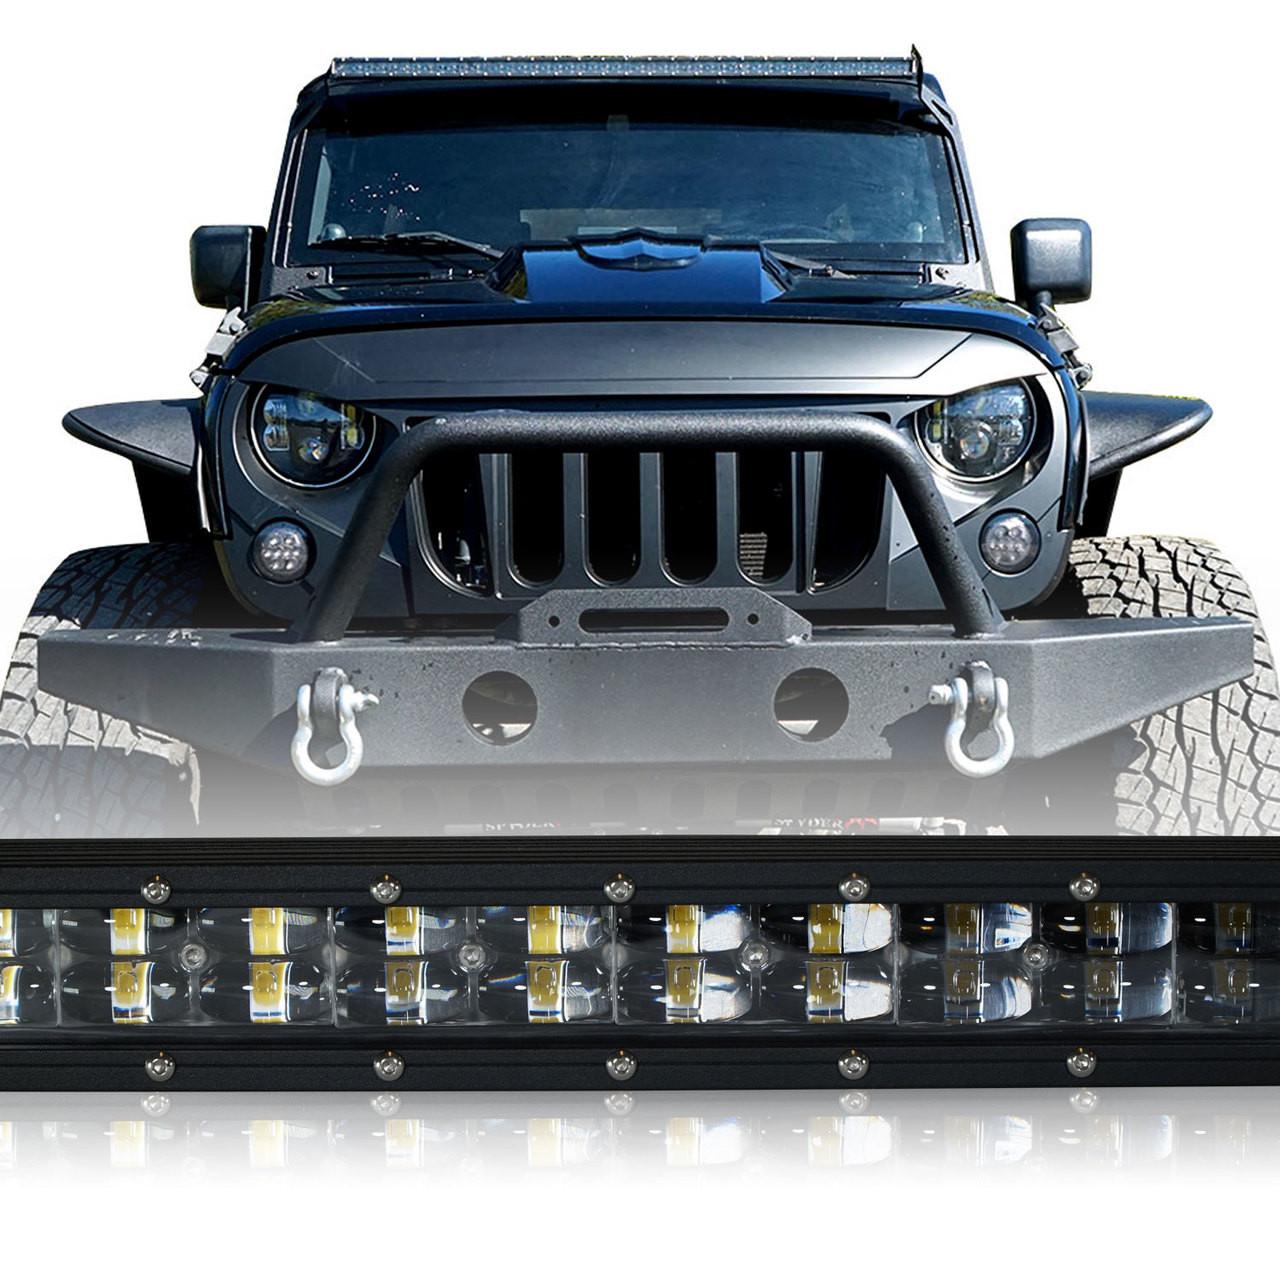 hight resolution of led light bar 288w 50 inches bracket wiring harness kit for wrangler jk 2007 2017